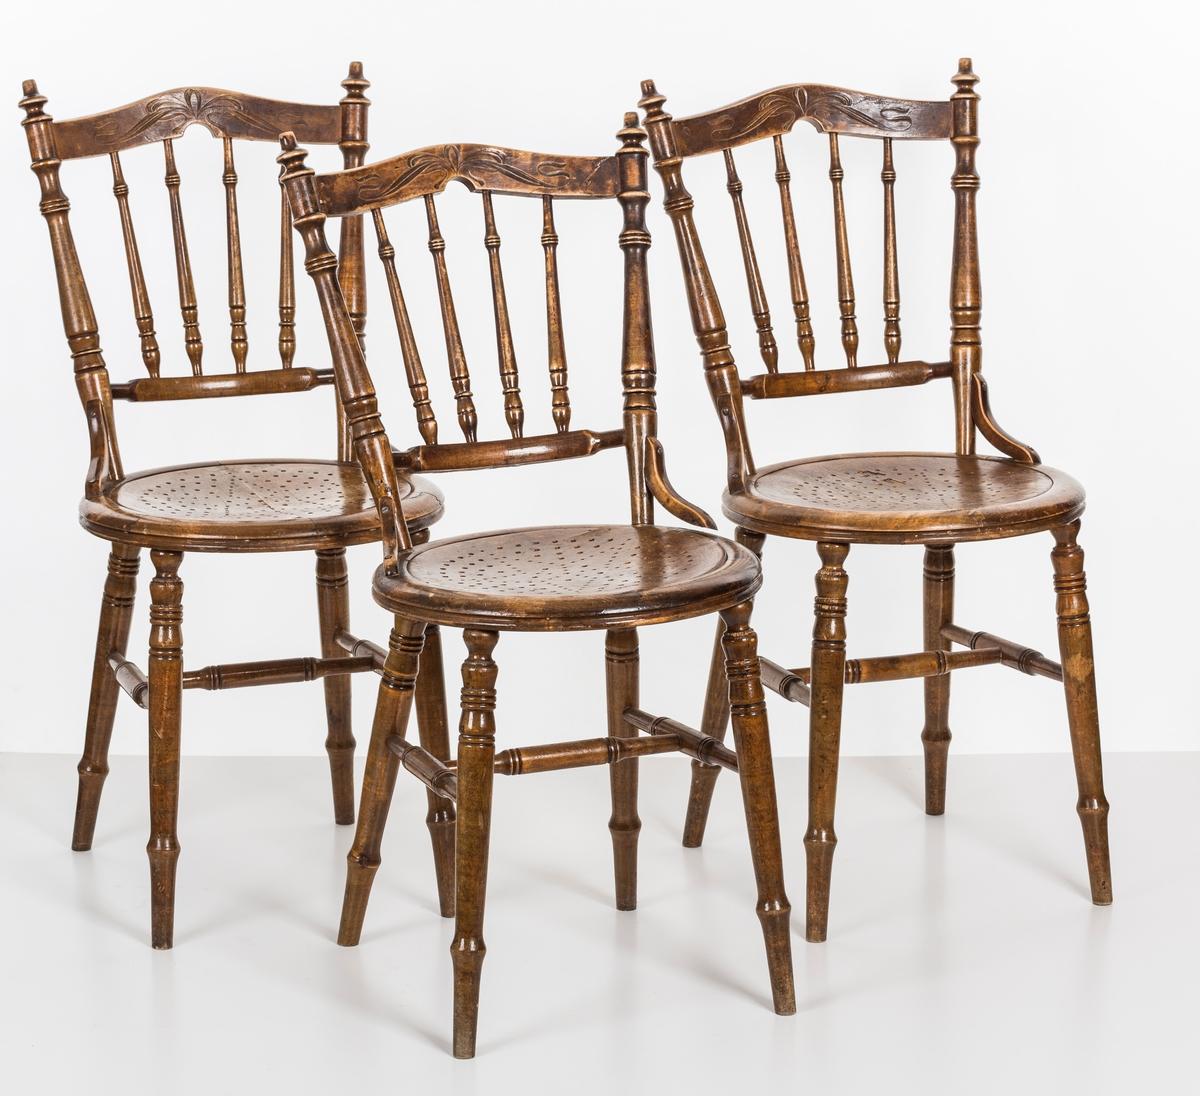 Stol i lakket treverk. Rundt stolsete med hullemønster. Rygg som er svakt buet med spiler og mønster. Dreide ben og spiler i rygg.